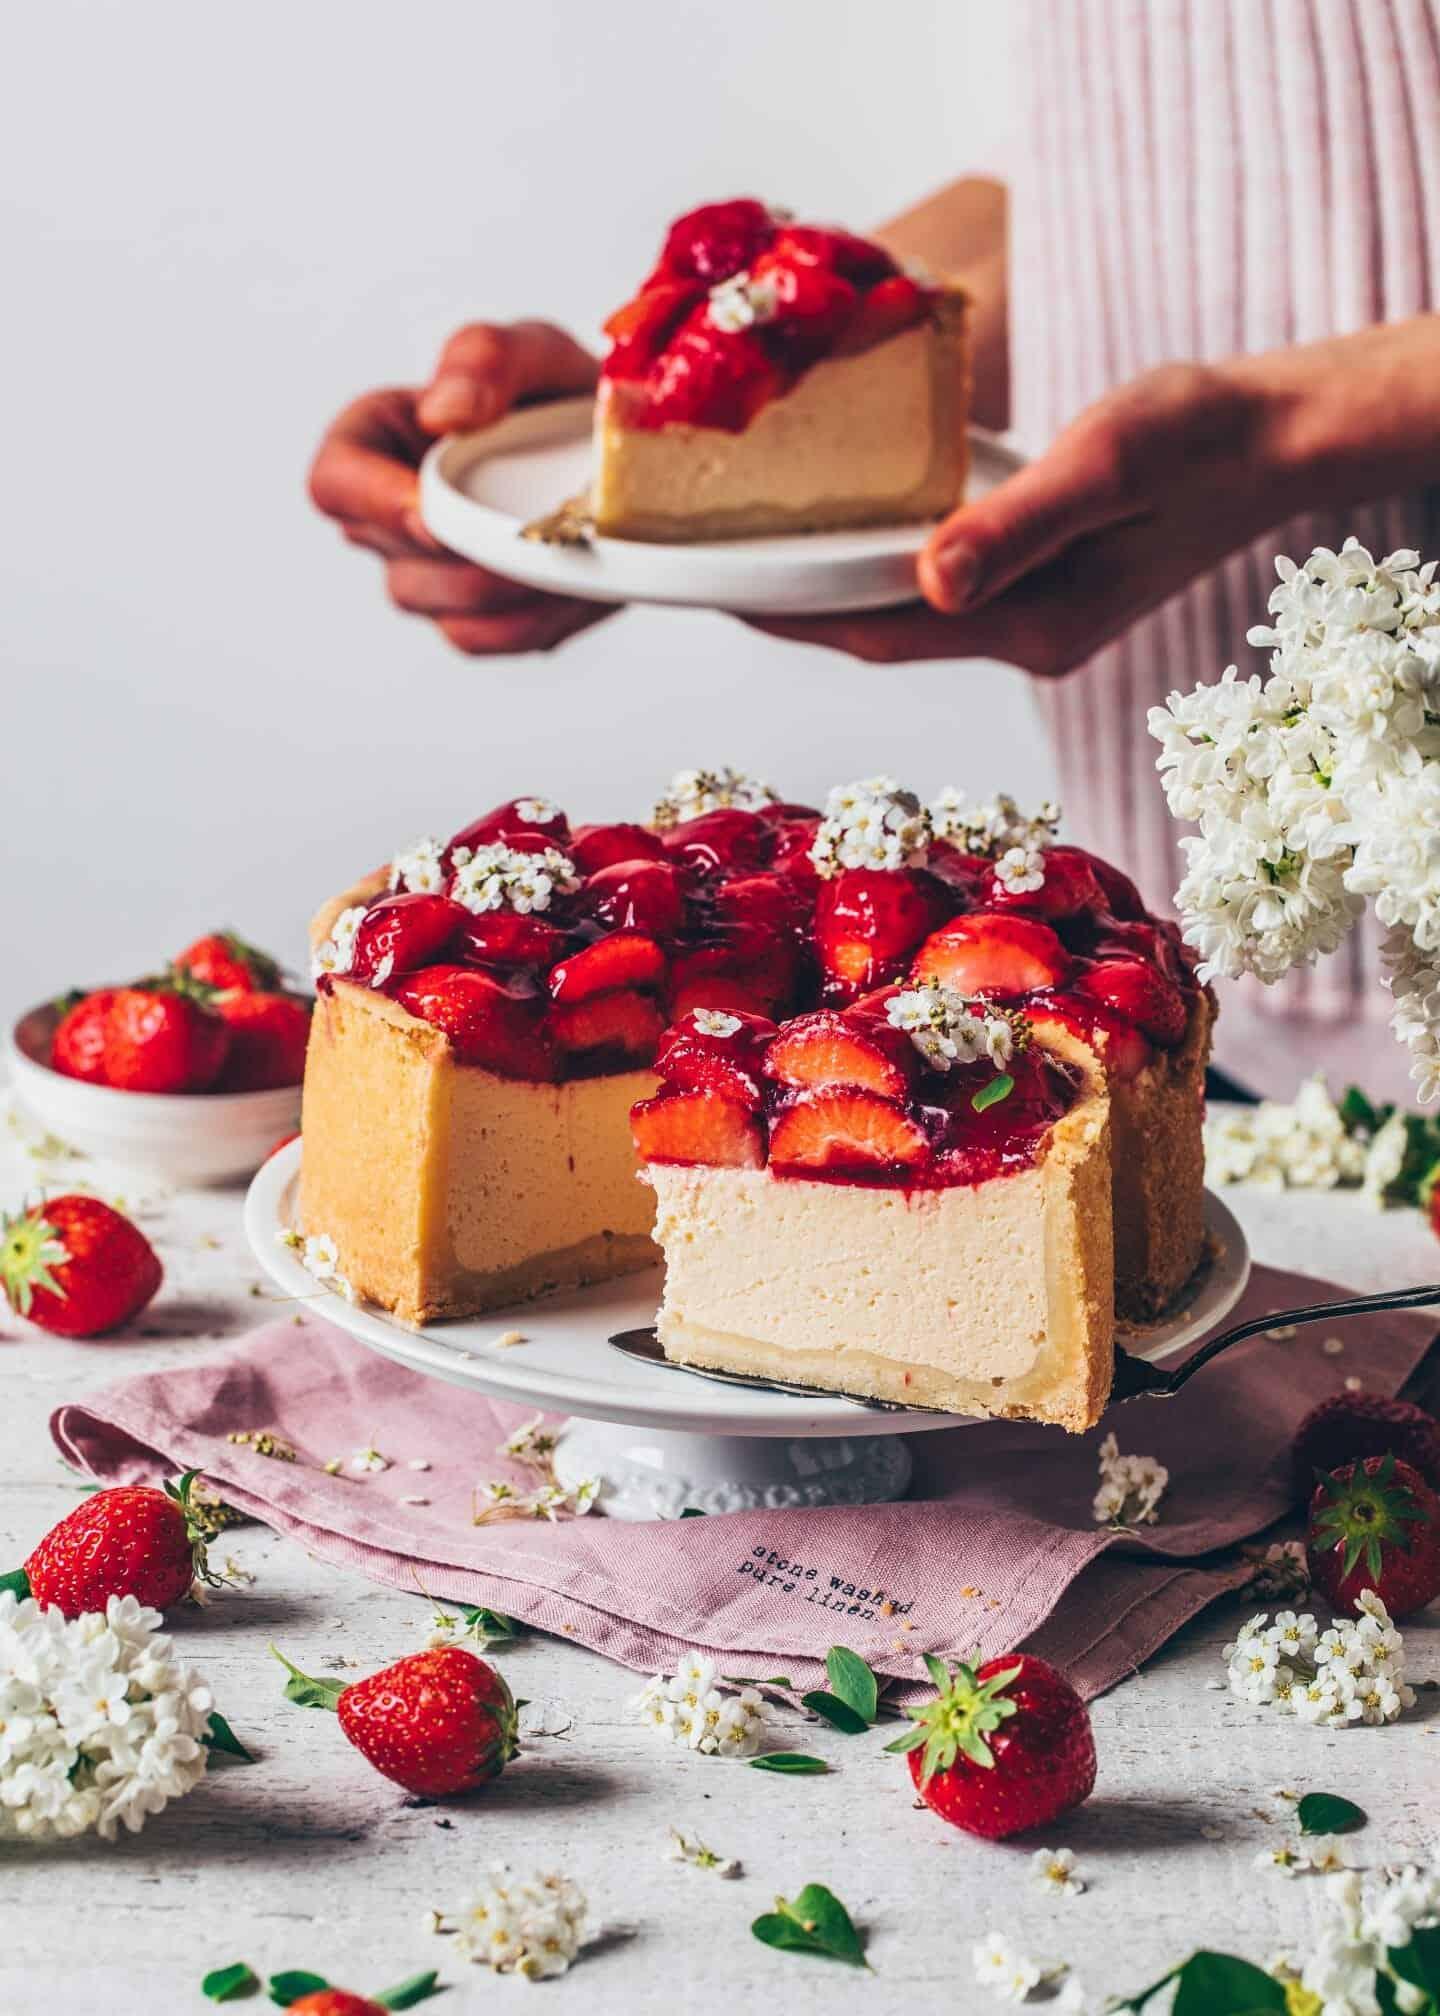 Erdbeer-Käsekuchen. Veganer Käsekuchen. New York Cheesecake. Veganer Cheesecake mit Erdbeeren. Cremig, einfach, lecker.